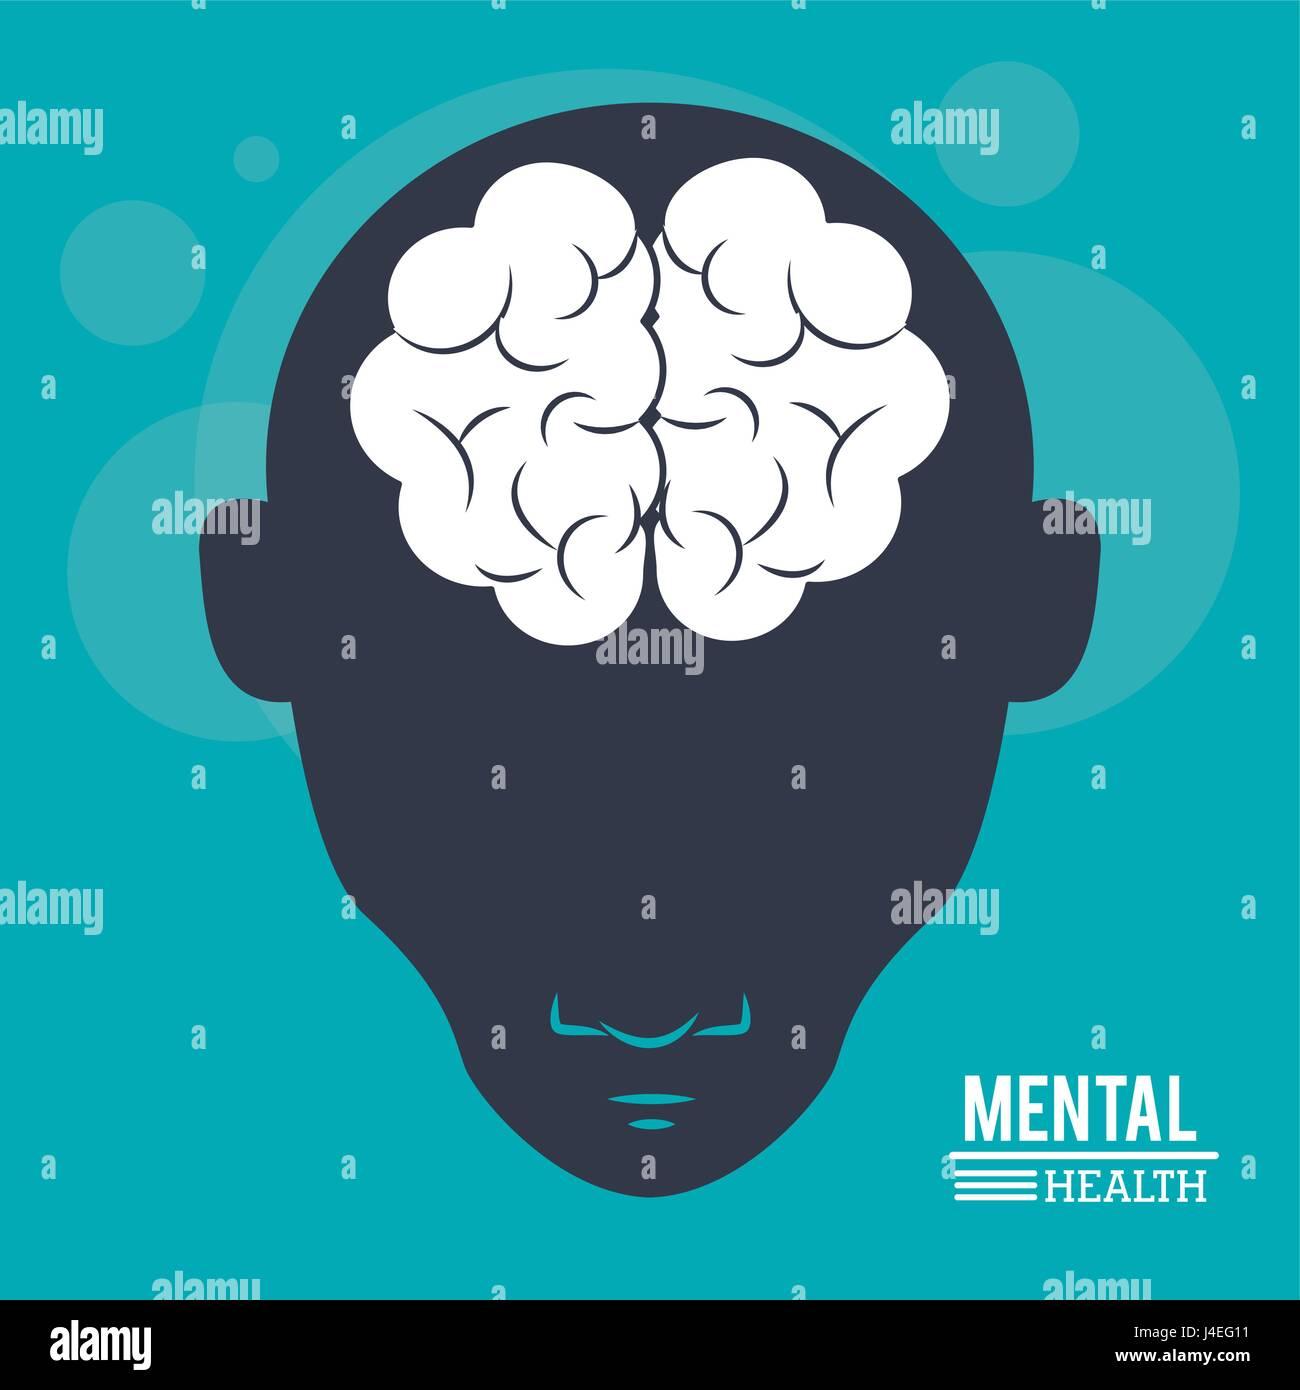 La salute mentale, testa umana, silhouette faccia e cervello in uno stile piatto Immagini Stock